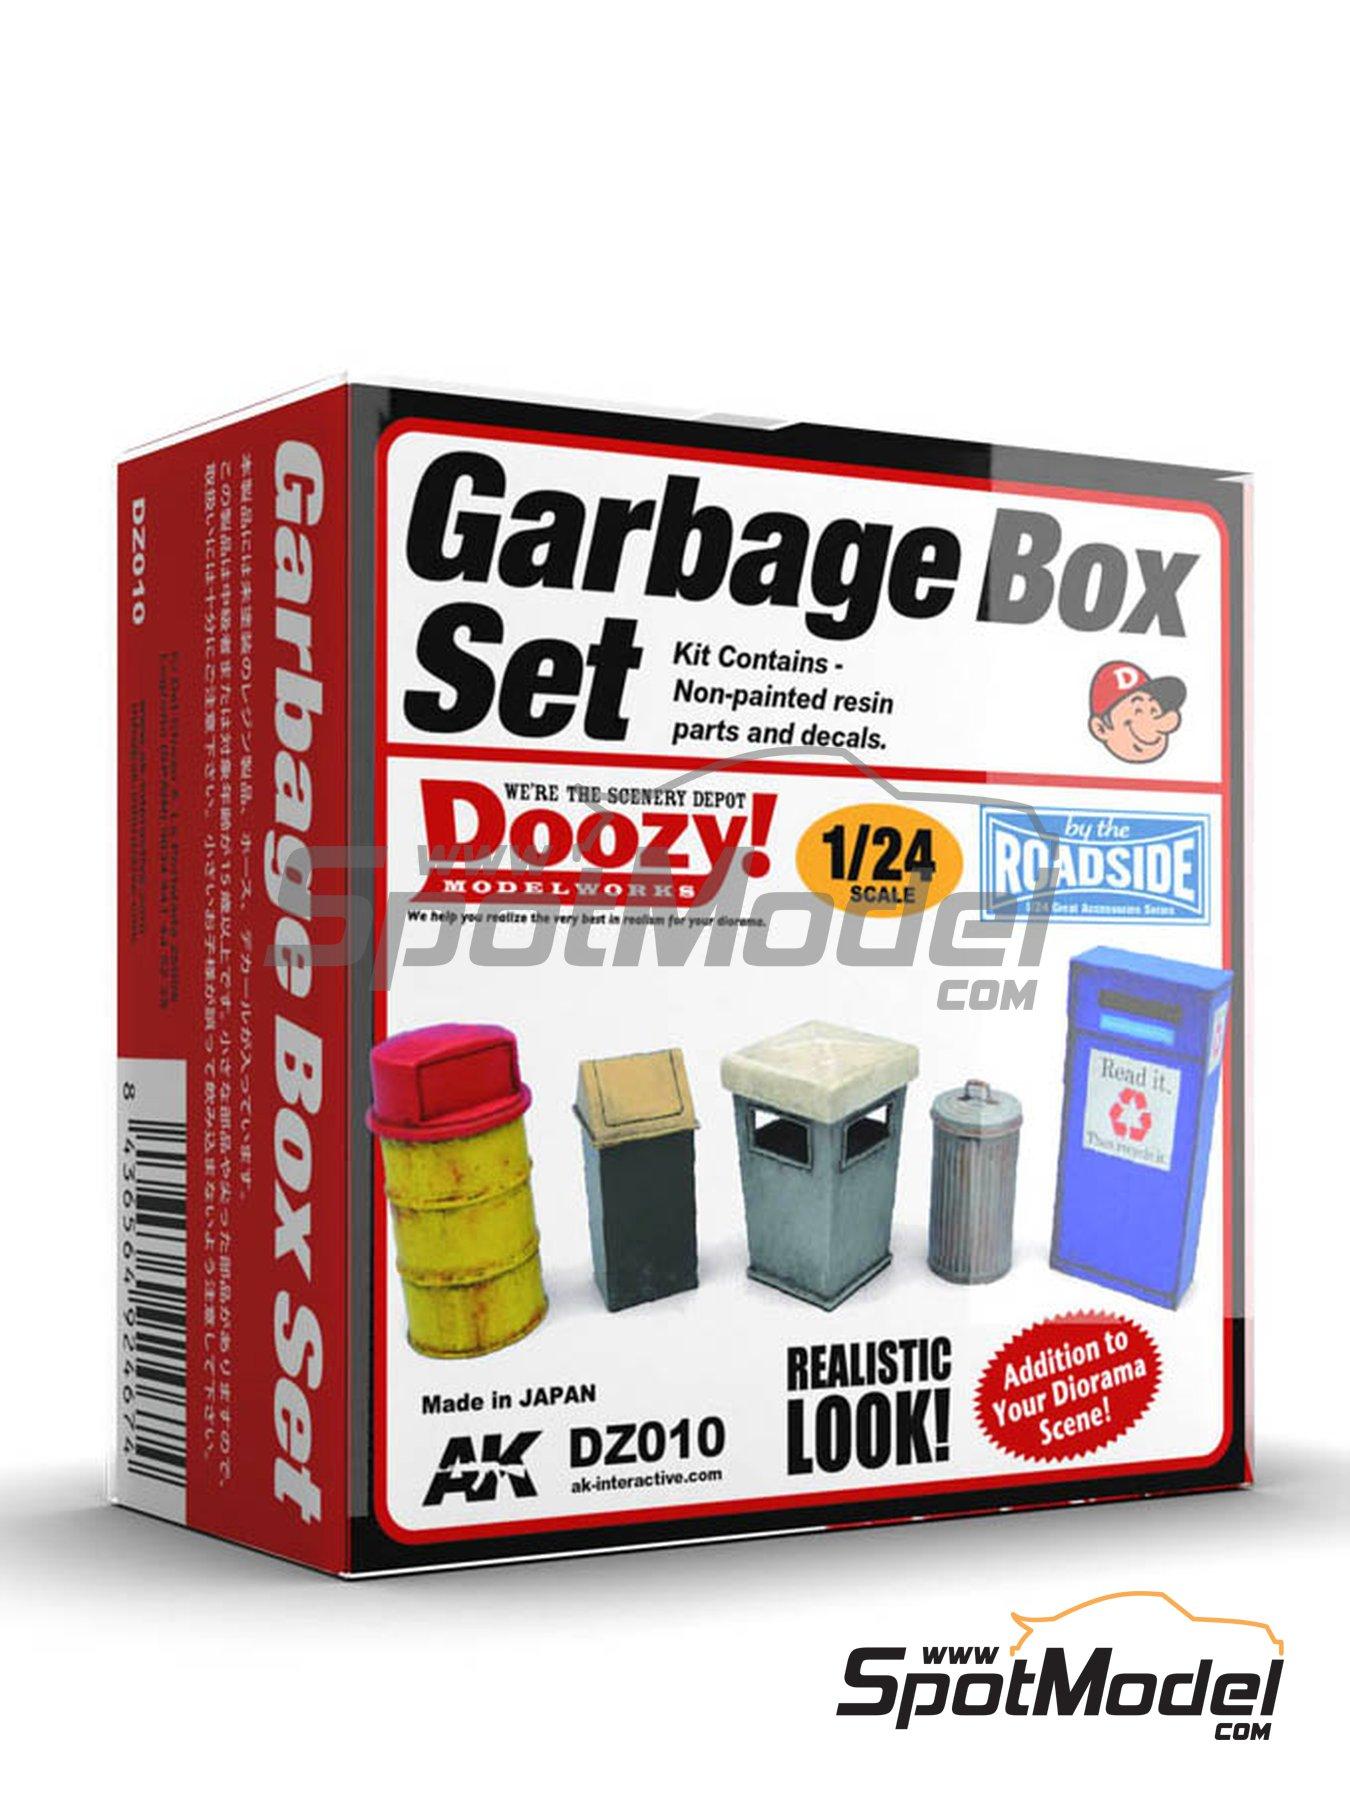 Cubos de basura | Maqueta en escala1/24 fabricado por Doozy Modelworks (ref.DZ010) image